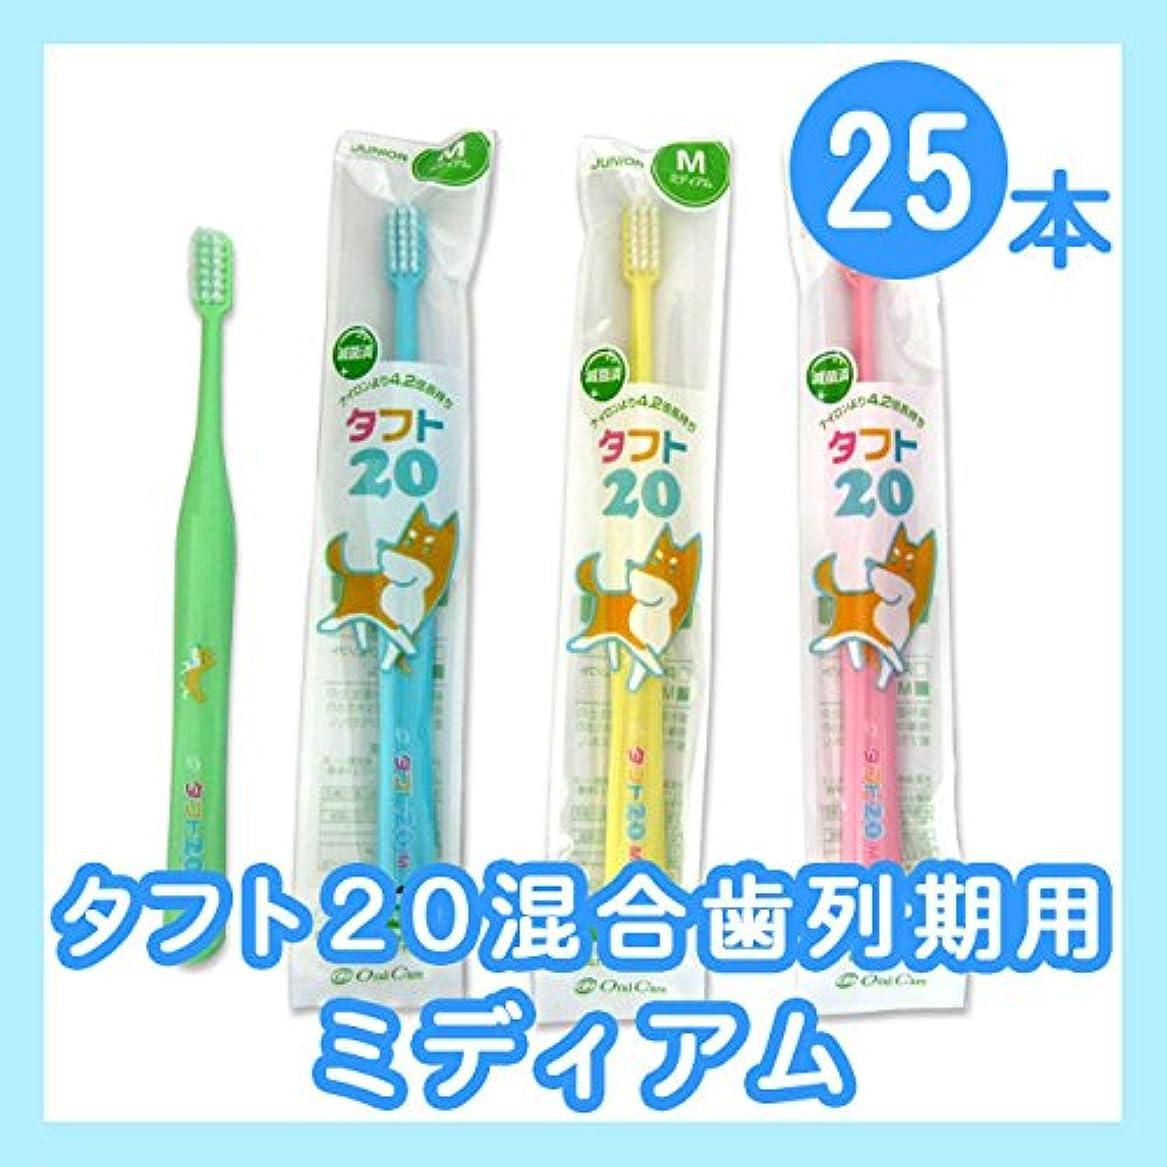 タフト20 【歯ブラシ タフト20/ミディアム 子供】25本 オーラルケア 混合歯列期用(6~12歳)こども歯ブラシ 25本セ イエロー